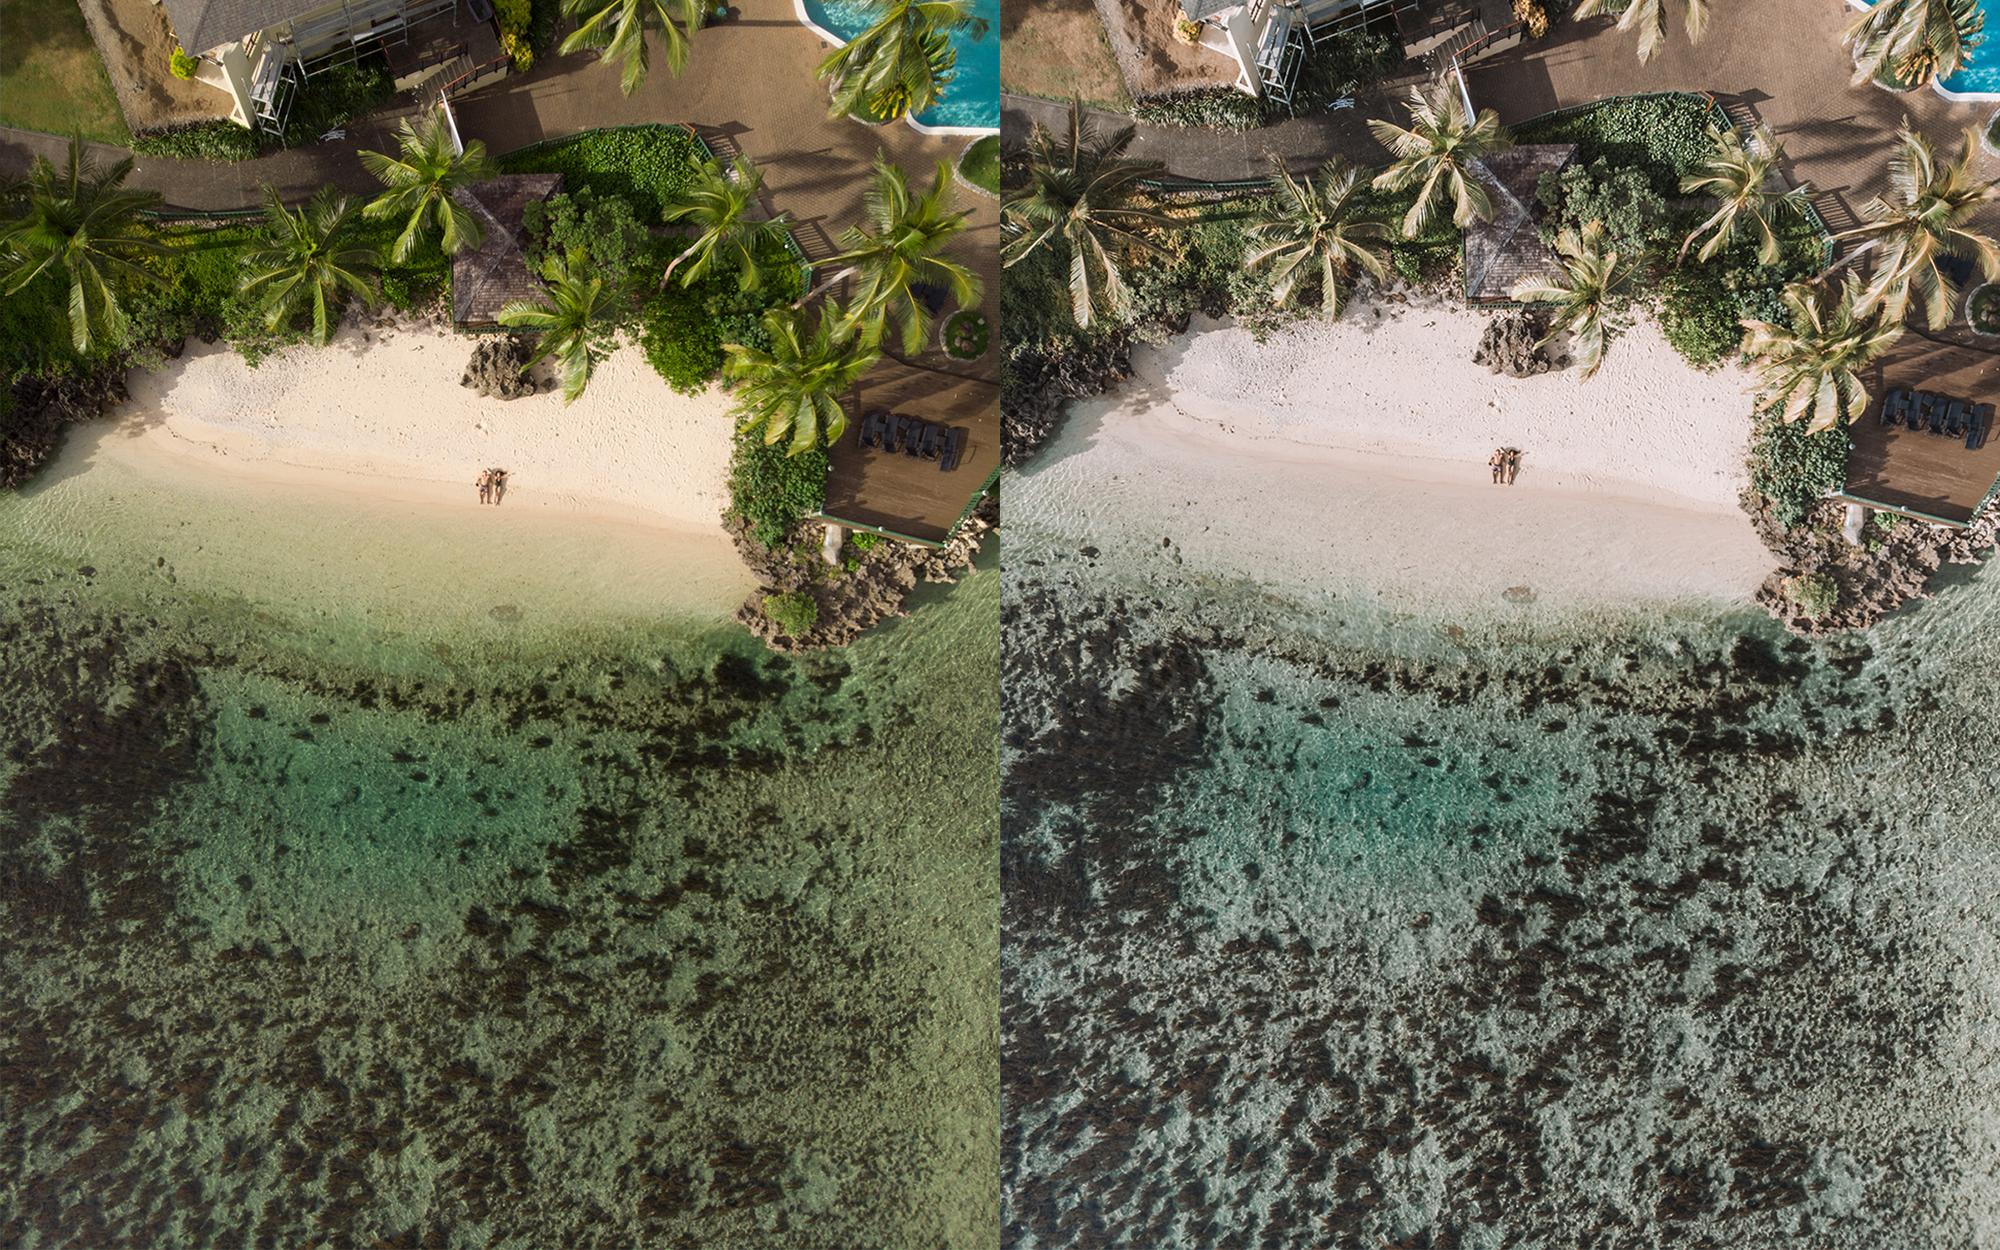 1 - BEACH DRONE